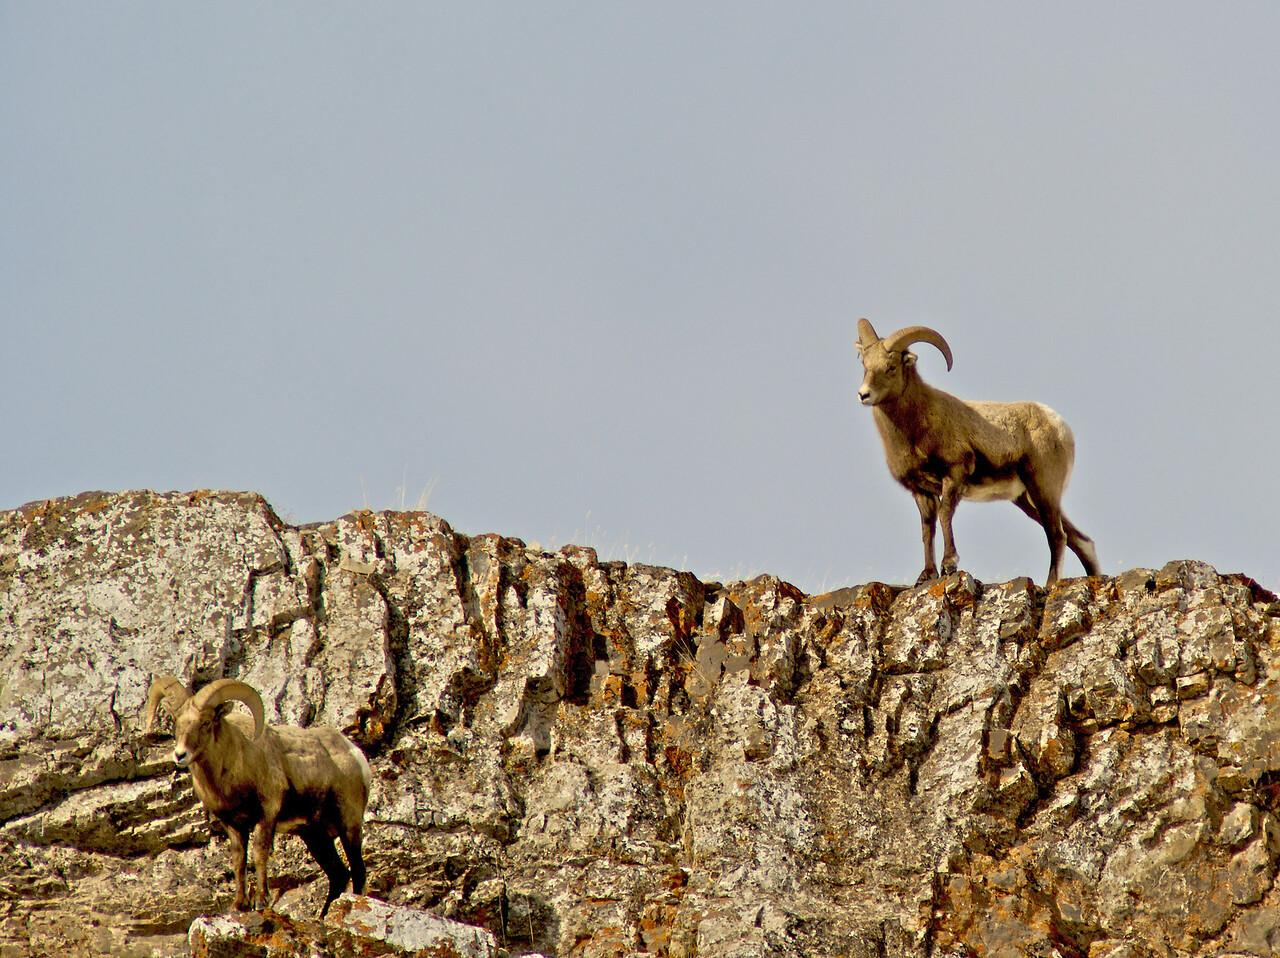 Tetons 2009 - Big Horn Sheep Miller Butte